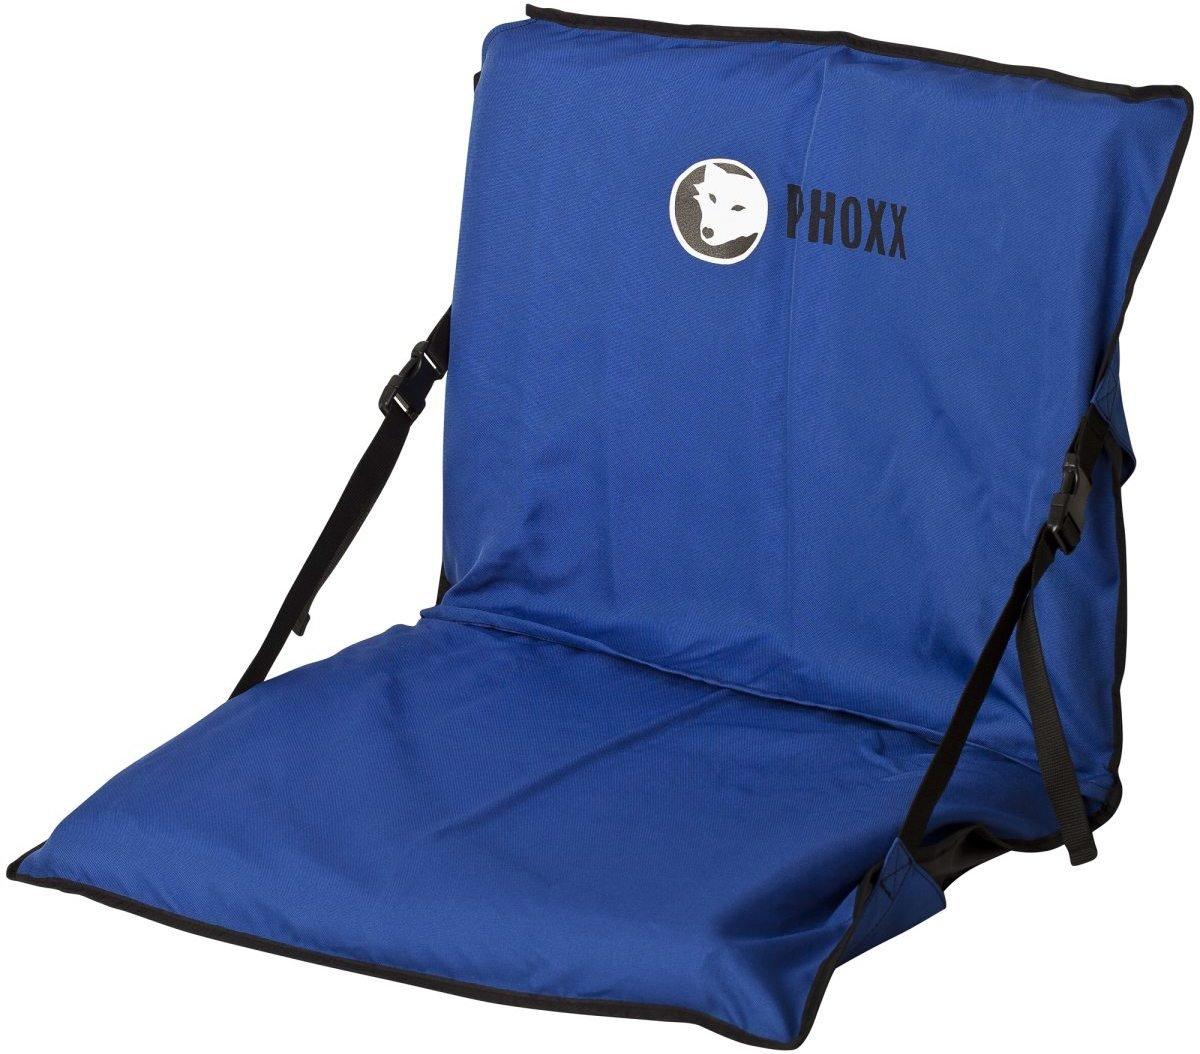 Test av Phoxx stol med liggeunderlag Denne gjør